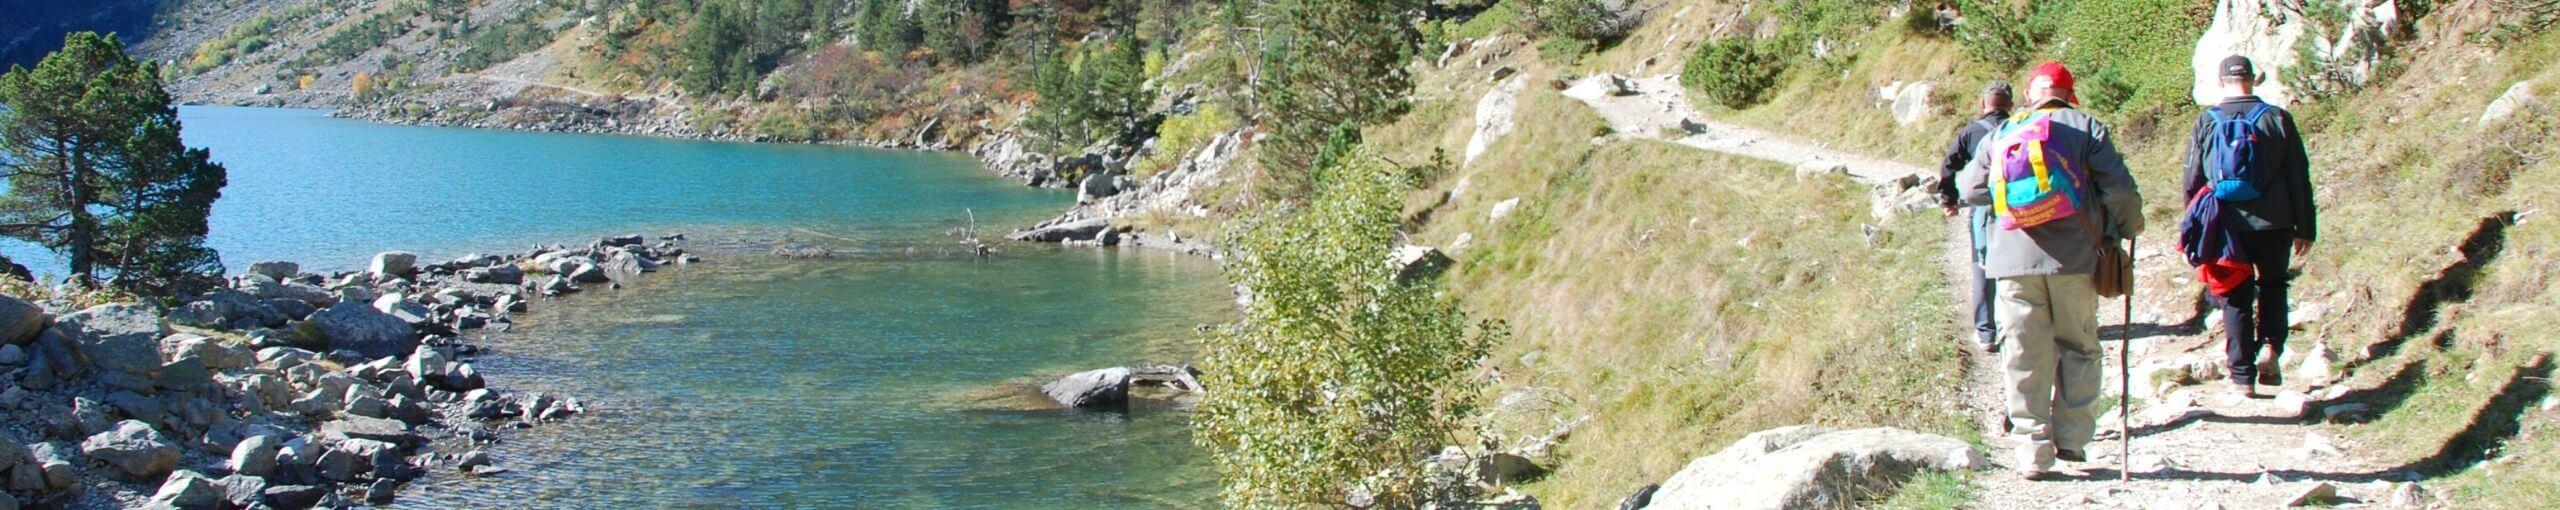 Parque Nacional de Pirineos. Gavarnie, Pirineos Atlánticos. Altos Pirineos. Nueva Aquitania, Occitania. Francia.